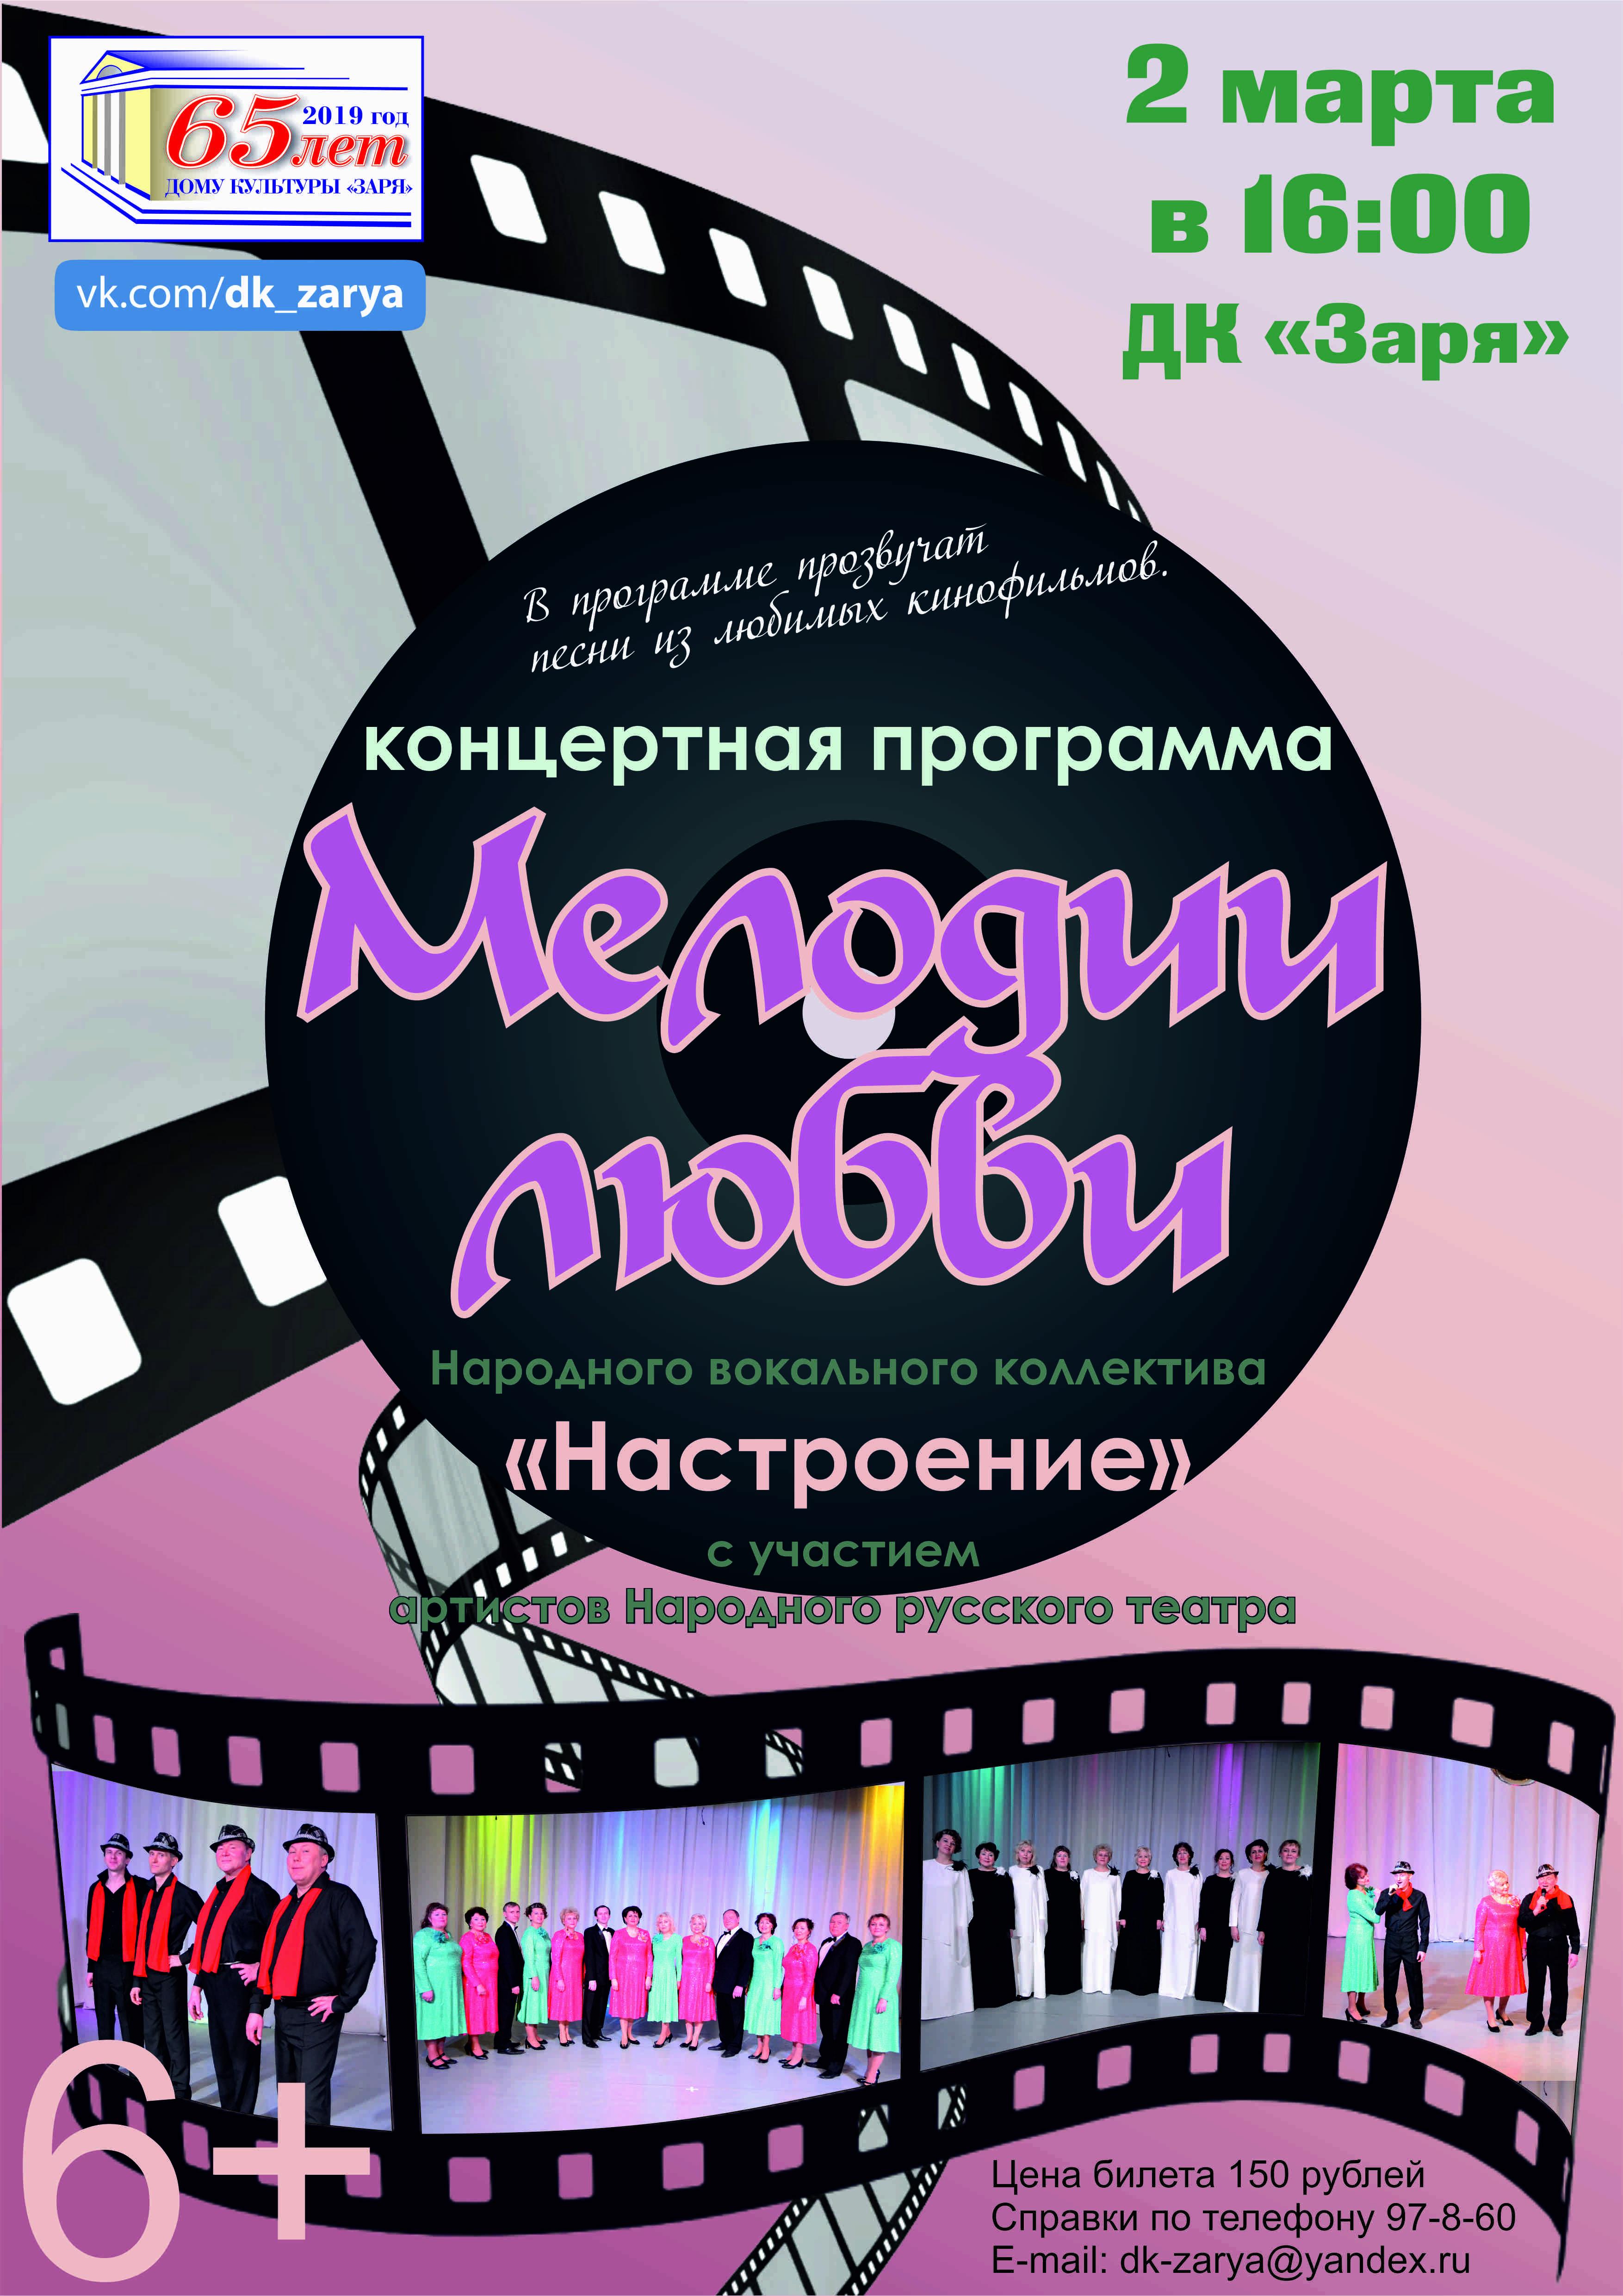 melodii lyubvi - мелодии любви